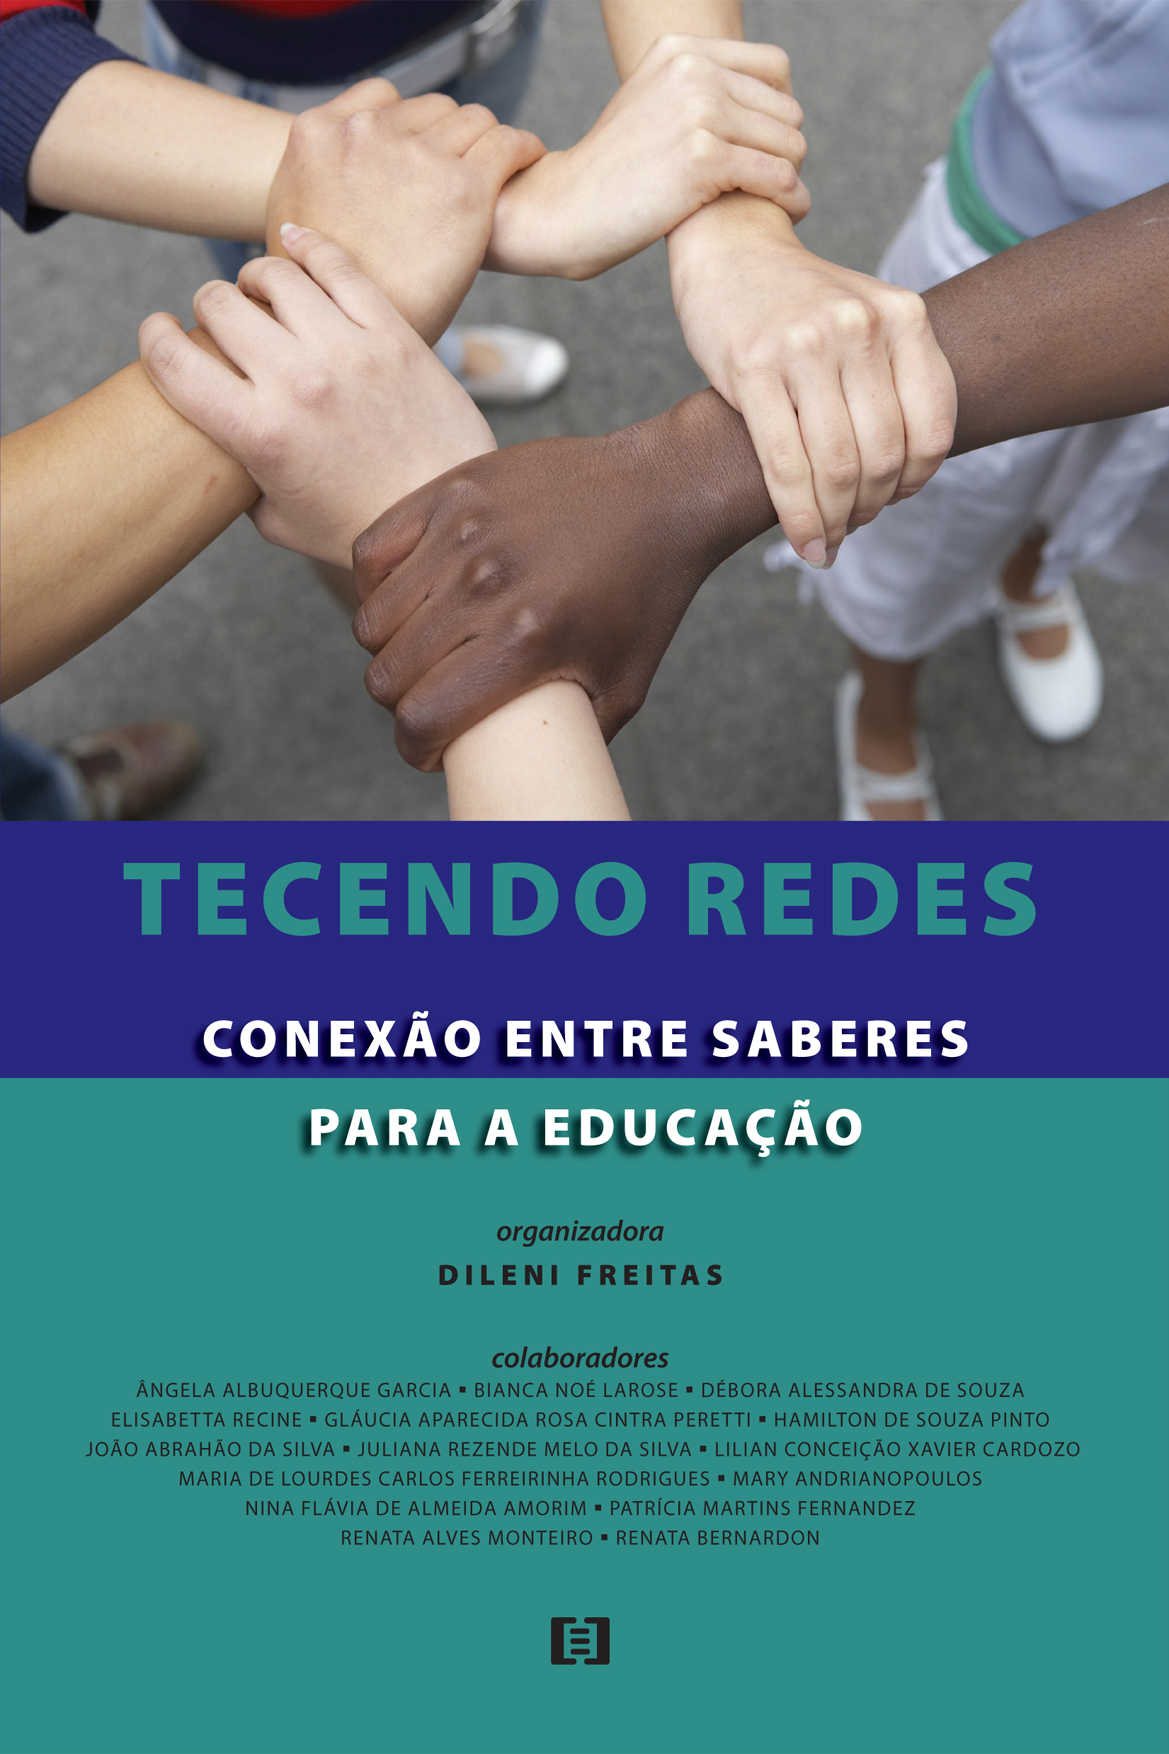 Tecendo redes: Conexão entre saberes para educação